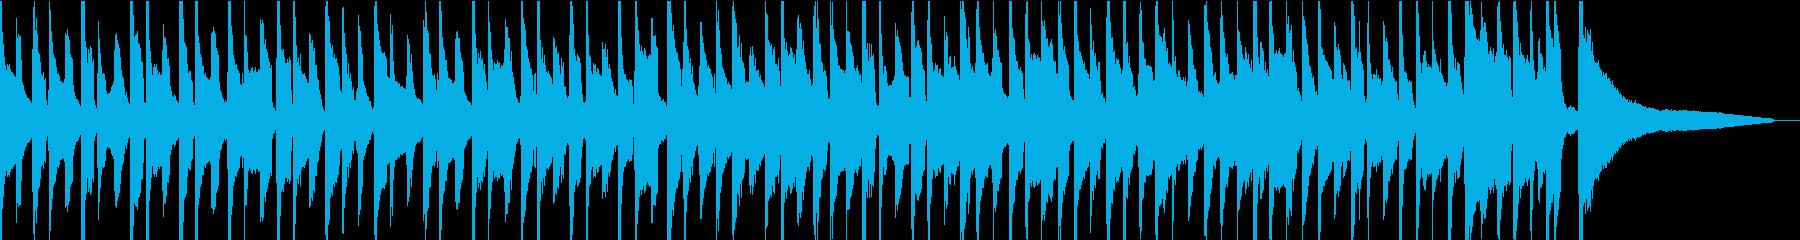 6/8拍子 シンプルで短いBGMの再生済みの波形